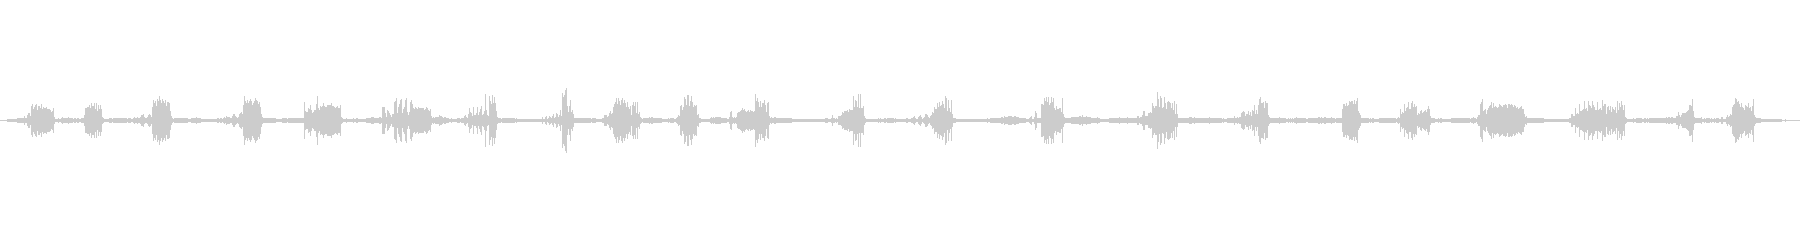 シジュウカラ鳥のチャープ水サーフィ...の未再生の波形